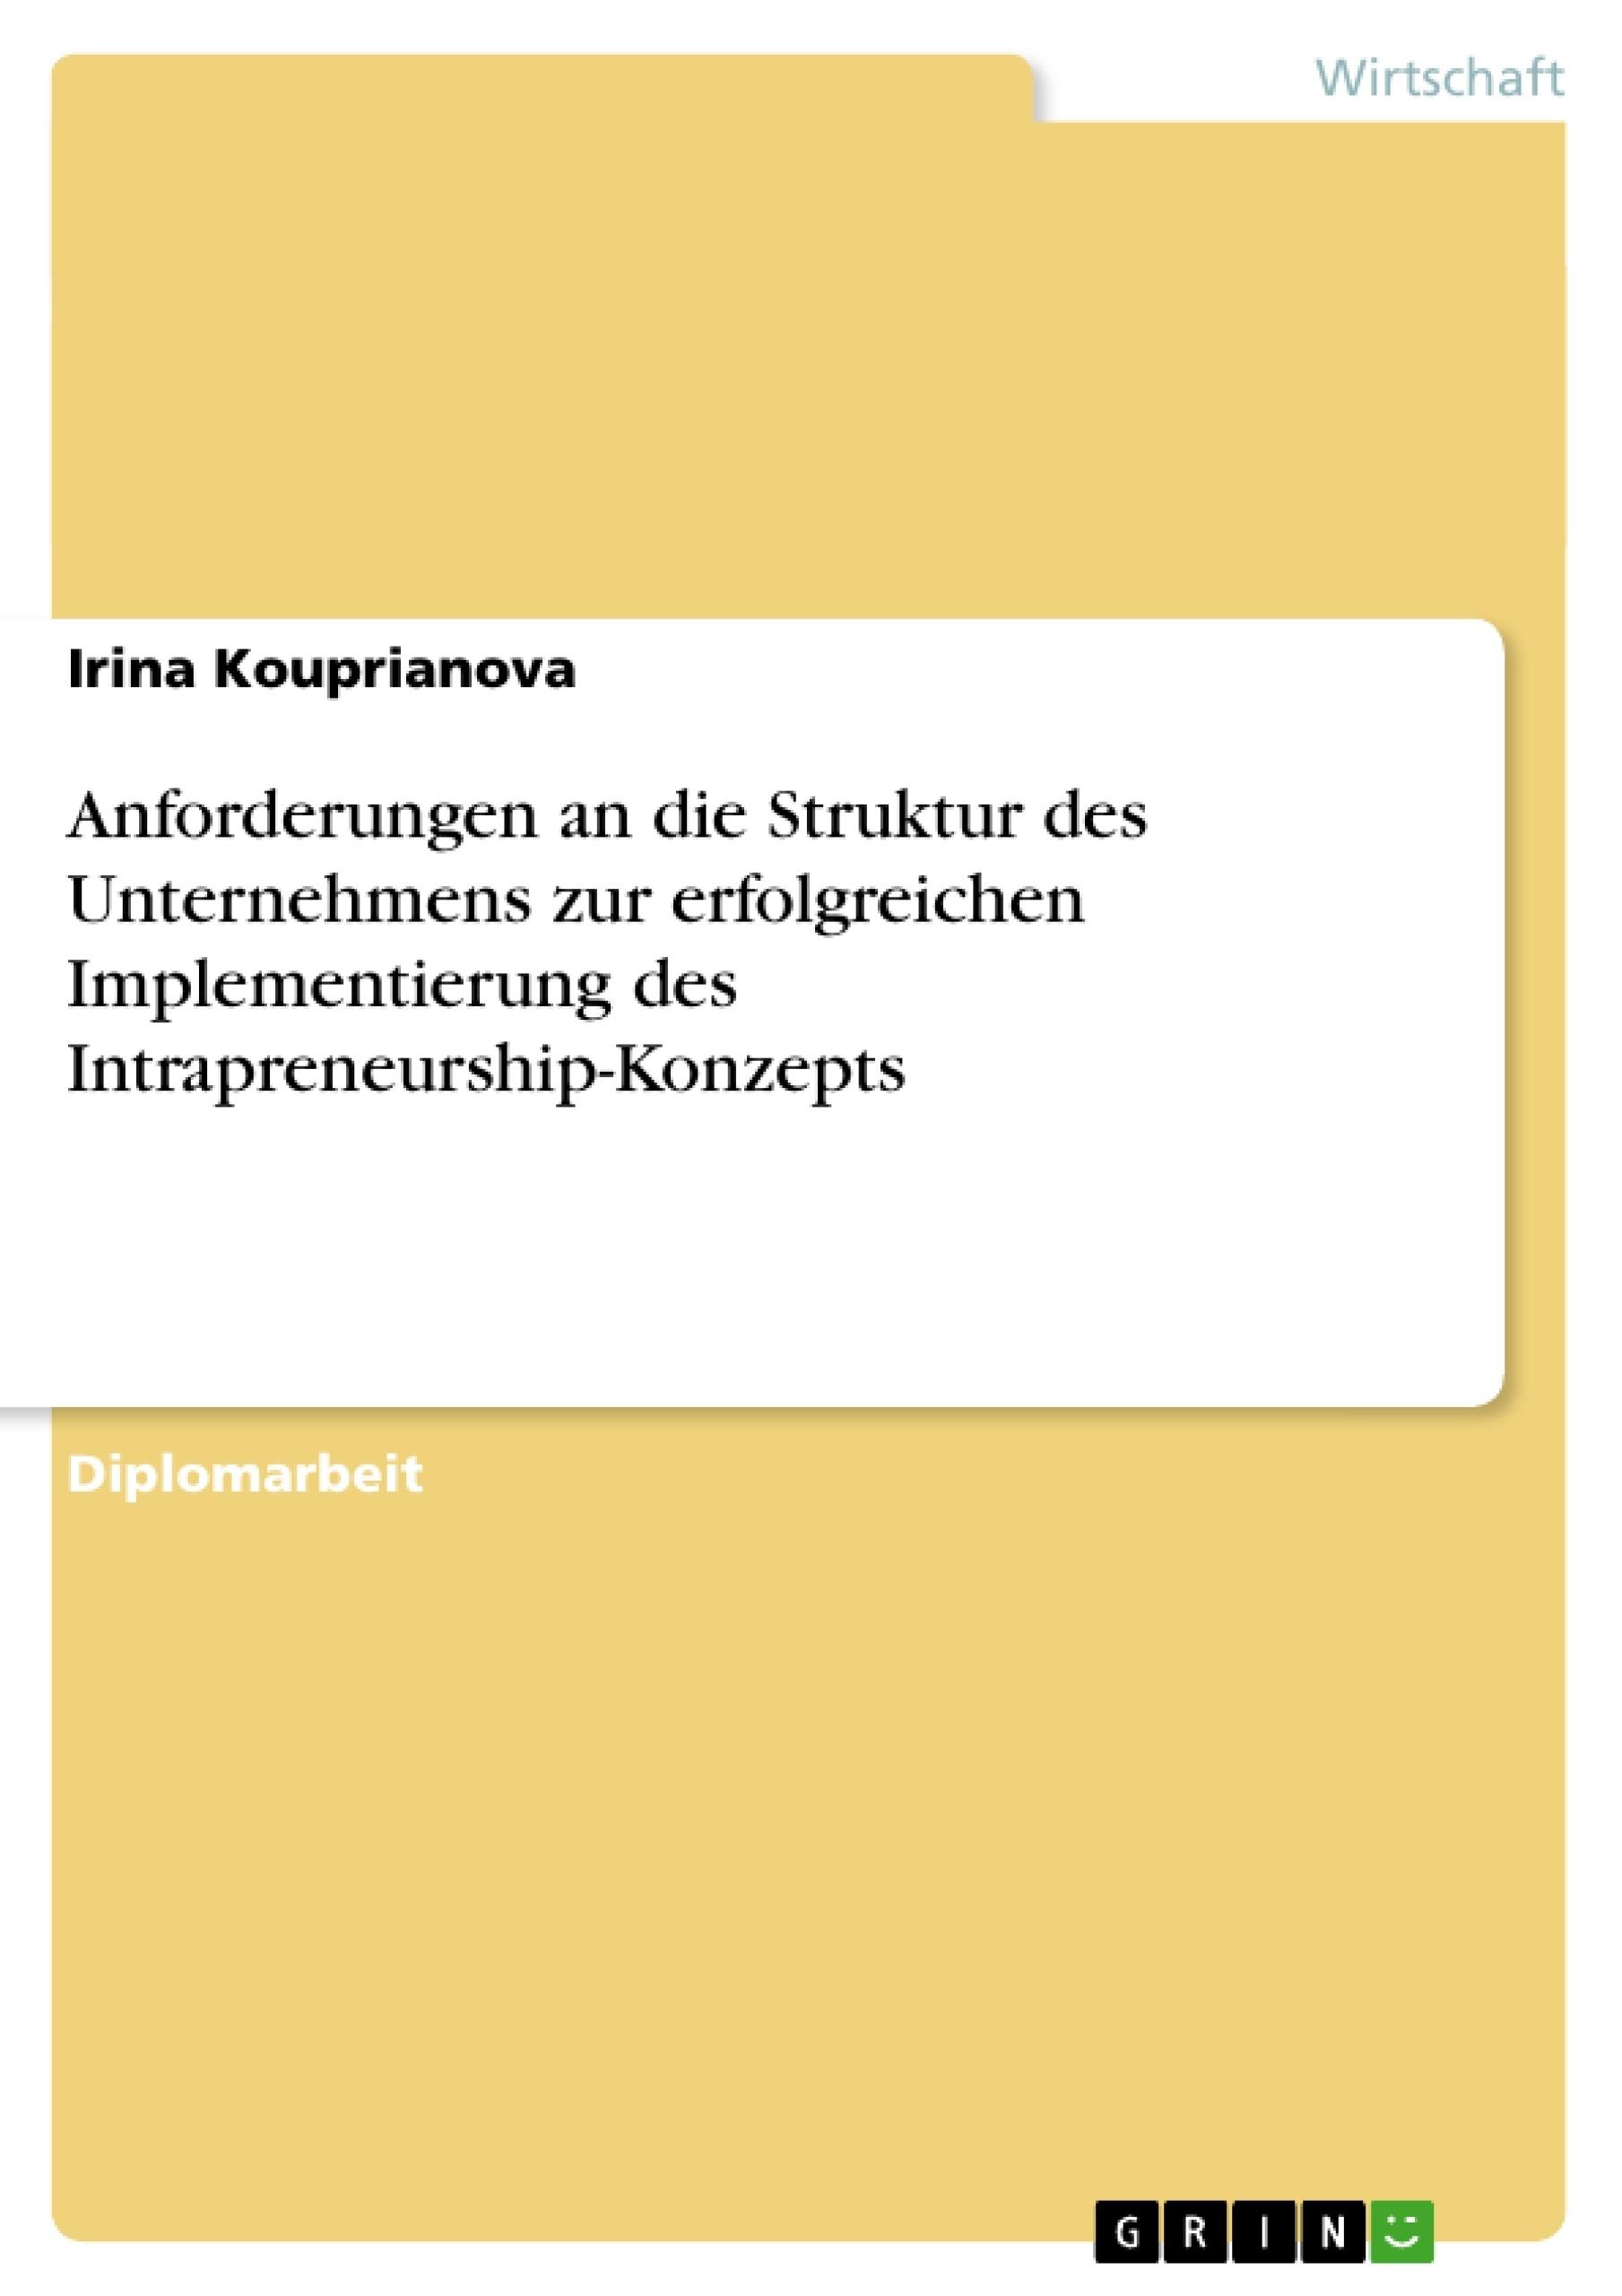 Titel: Anforderungen an die Struktur des Unternehmens zur erfolgreichen Implementierung des Intrapreneurship-Konzepts